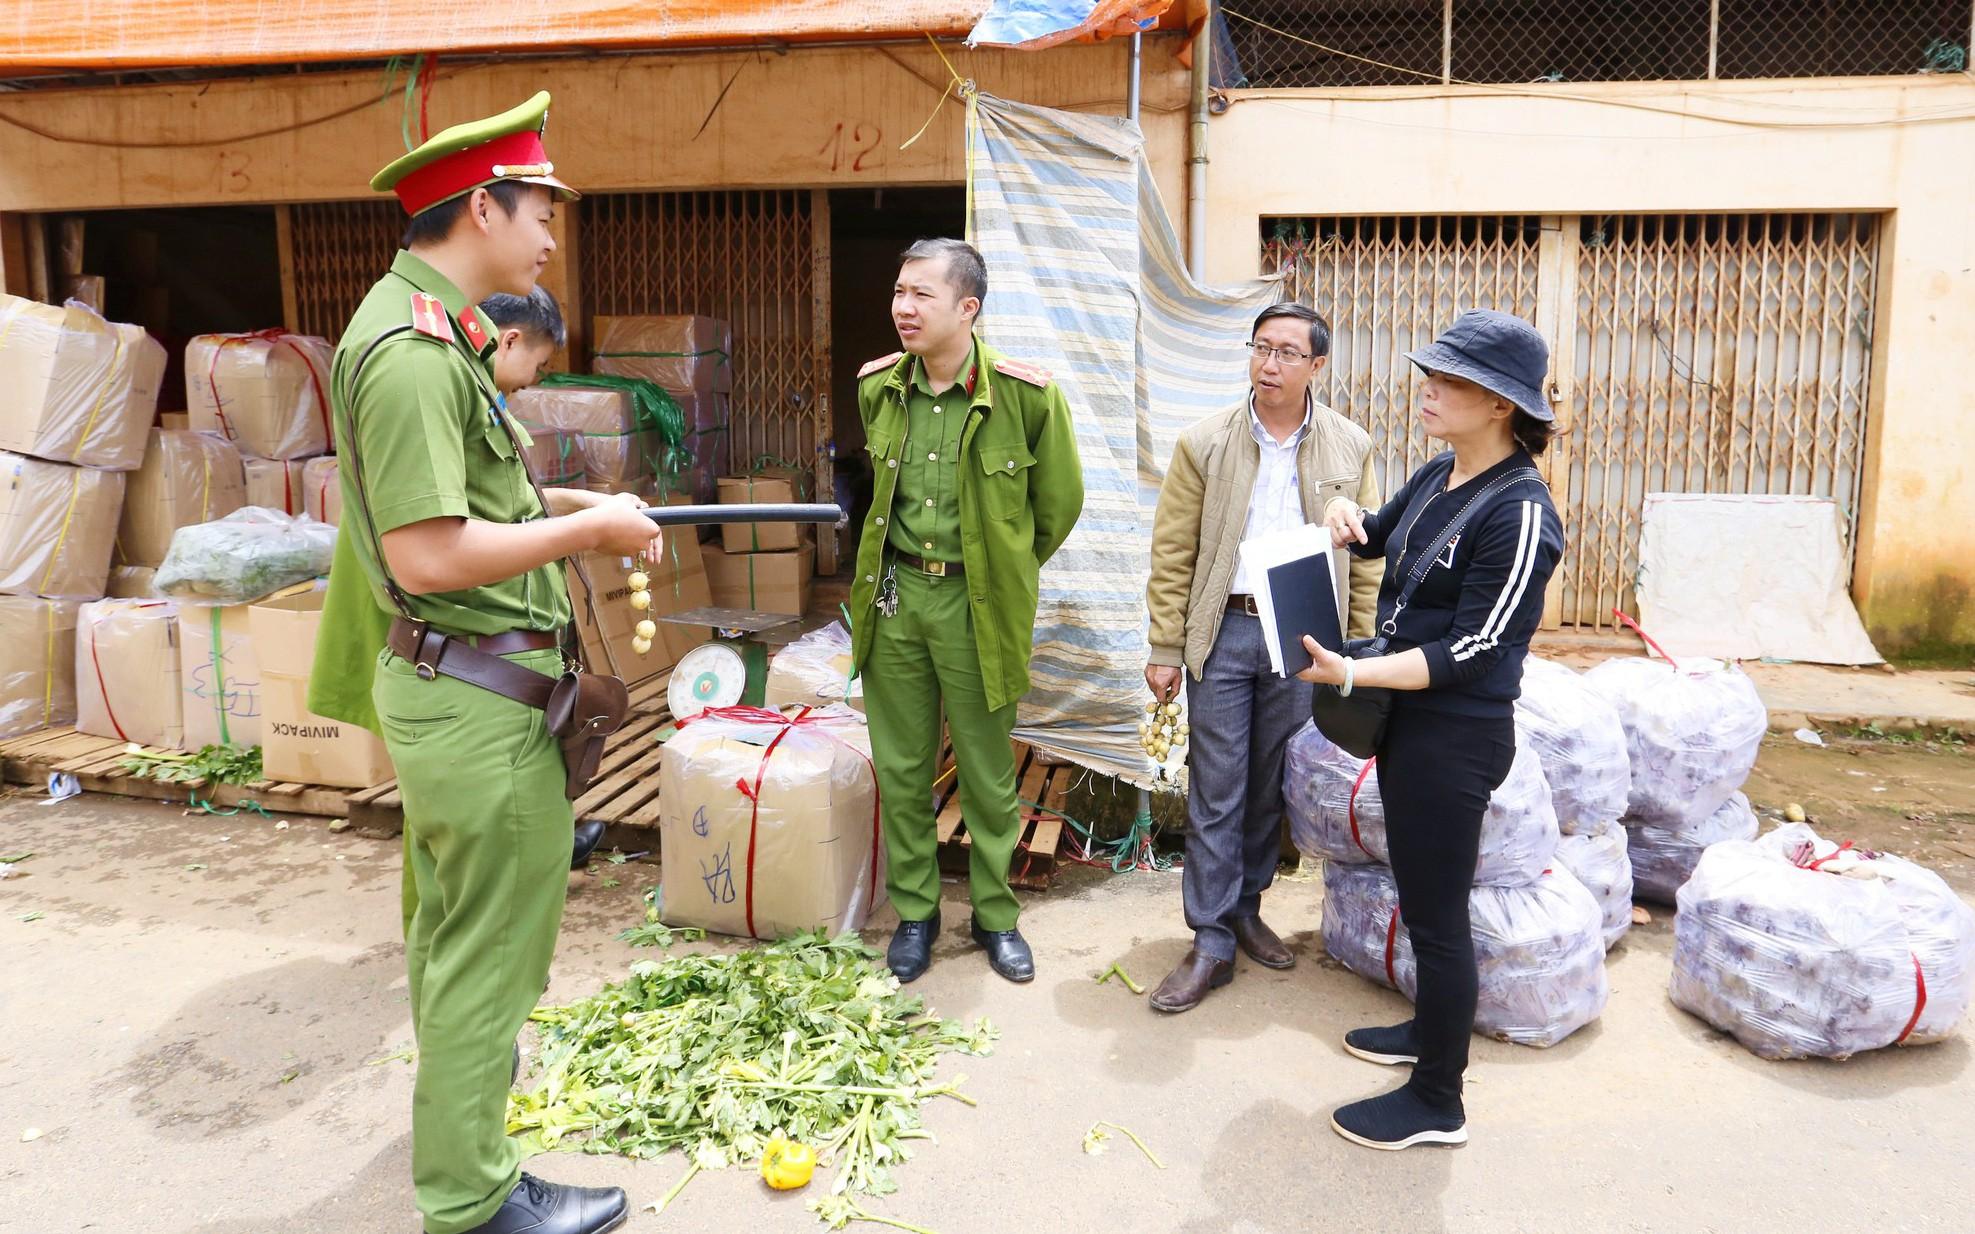 Tiểu thương chợ Nông sản Đà Lạt xin lùi thời gian chuyển khoai tây Trung Quốc tồn kho ra ngoài